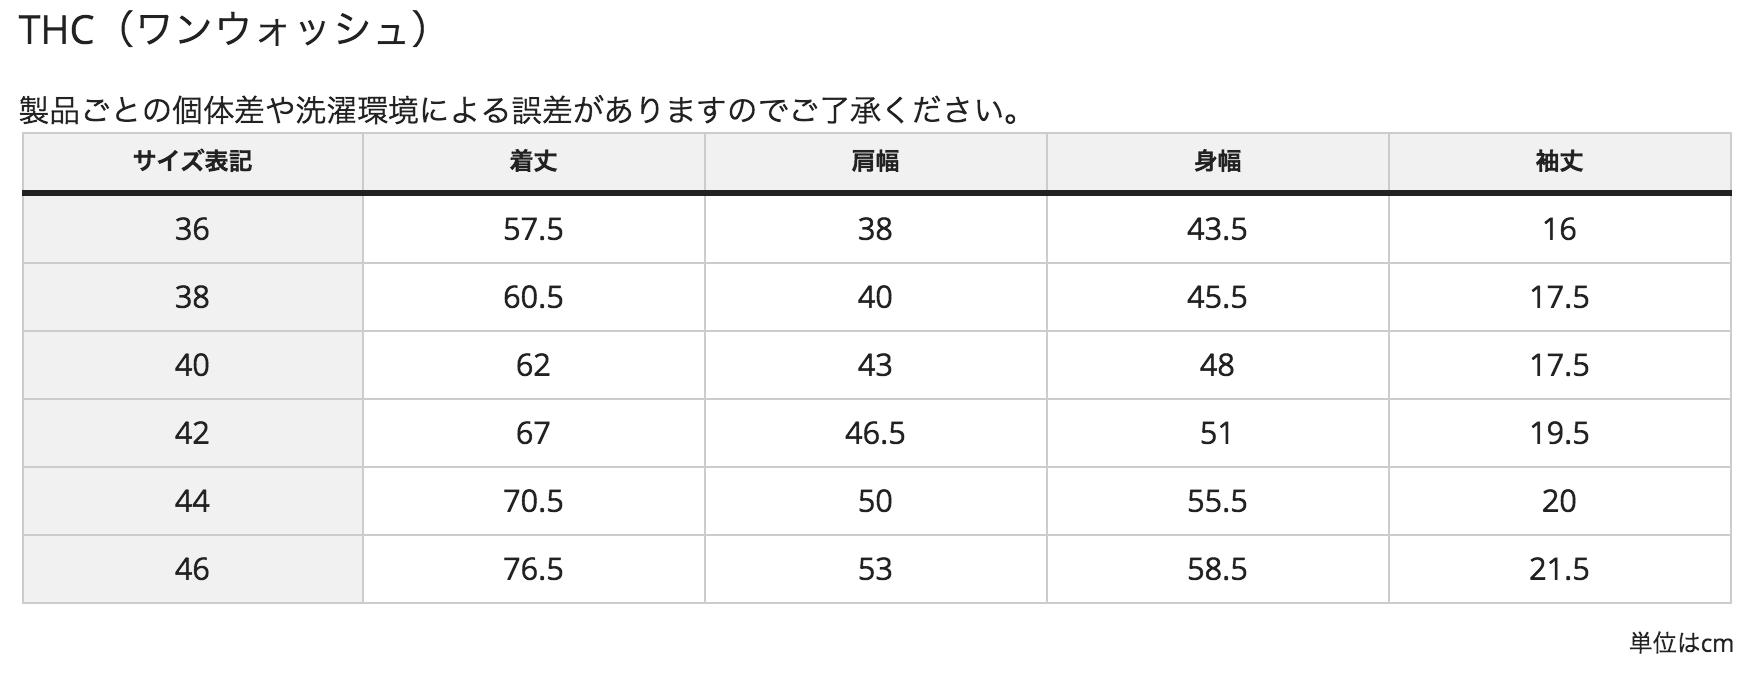 %e9%83%a8%e8%90%bd%e6%a0%bc_%e5%b0%8f%e6%9d%be%e7%be%8e%e8%aa%9e%e8%81%af%e5%90%8d-tee_1